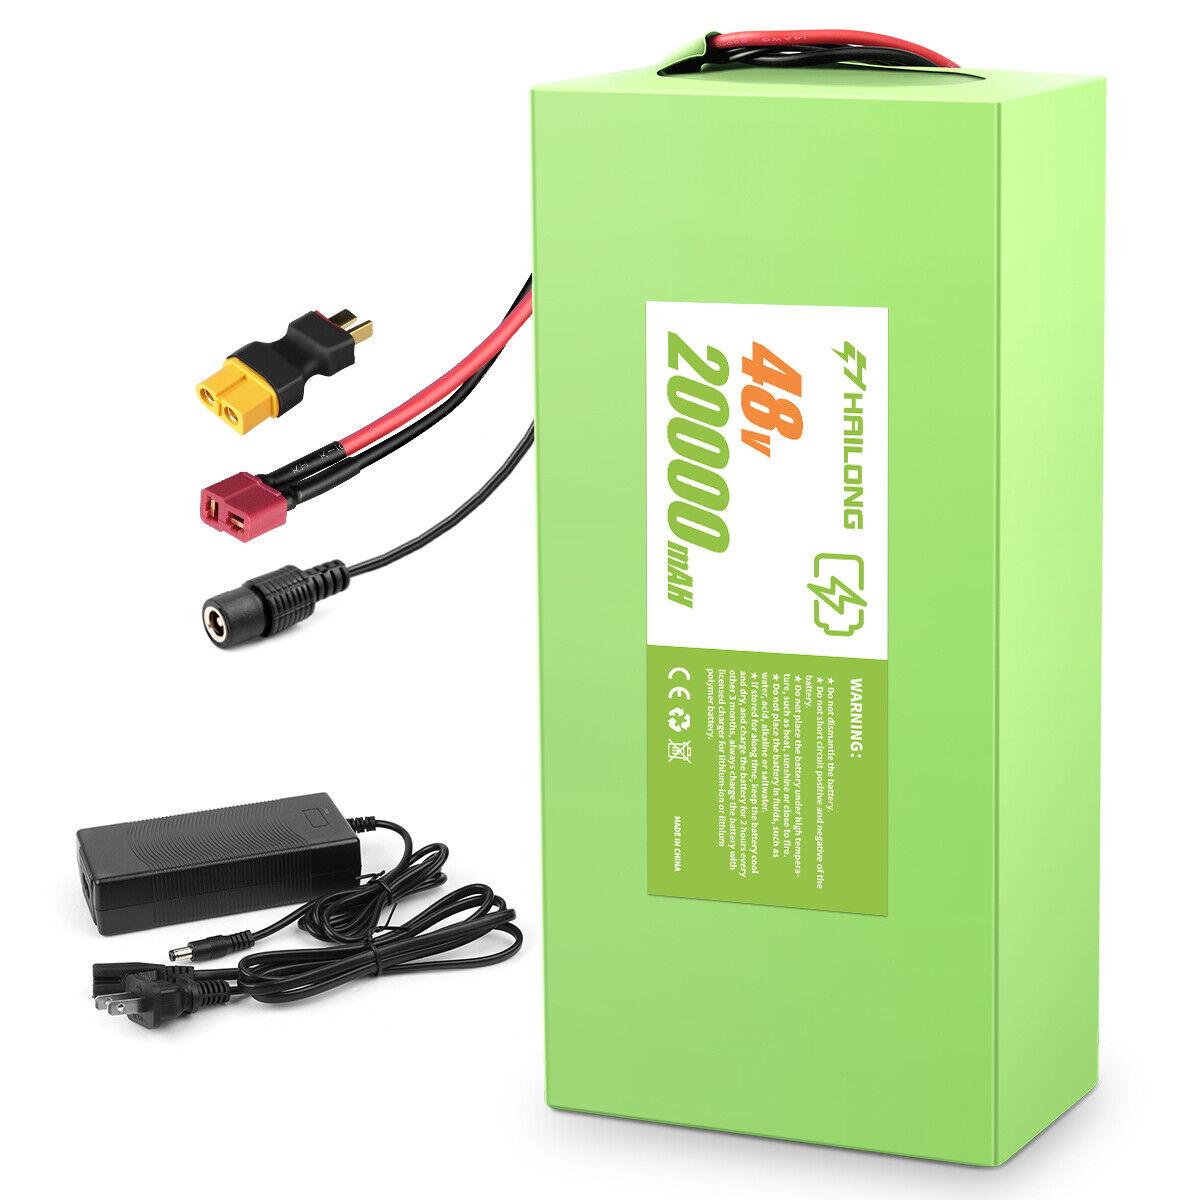 (CA Warehouse) 48v ebike battery 20ah 1000W Electric Bike Battery Charger